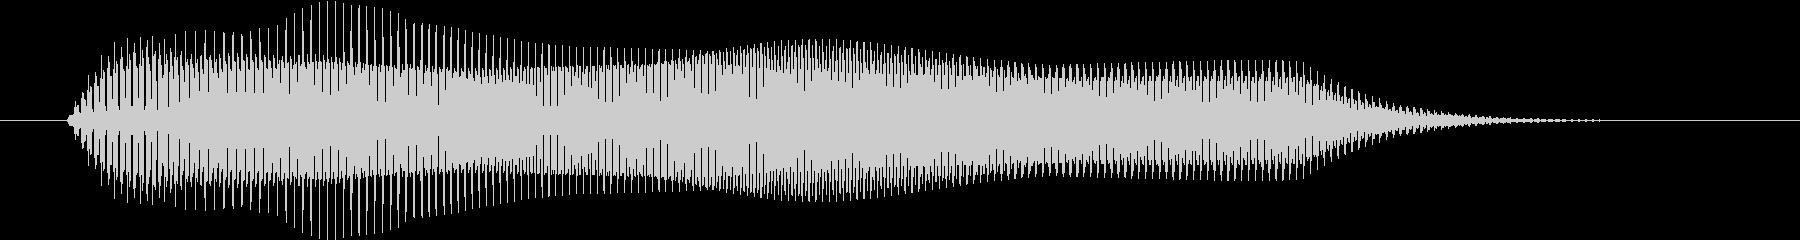 ウィーン(起動、ゲーム、ロボ)の未再生の波形